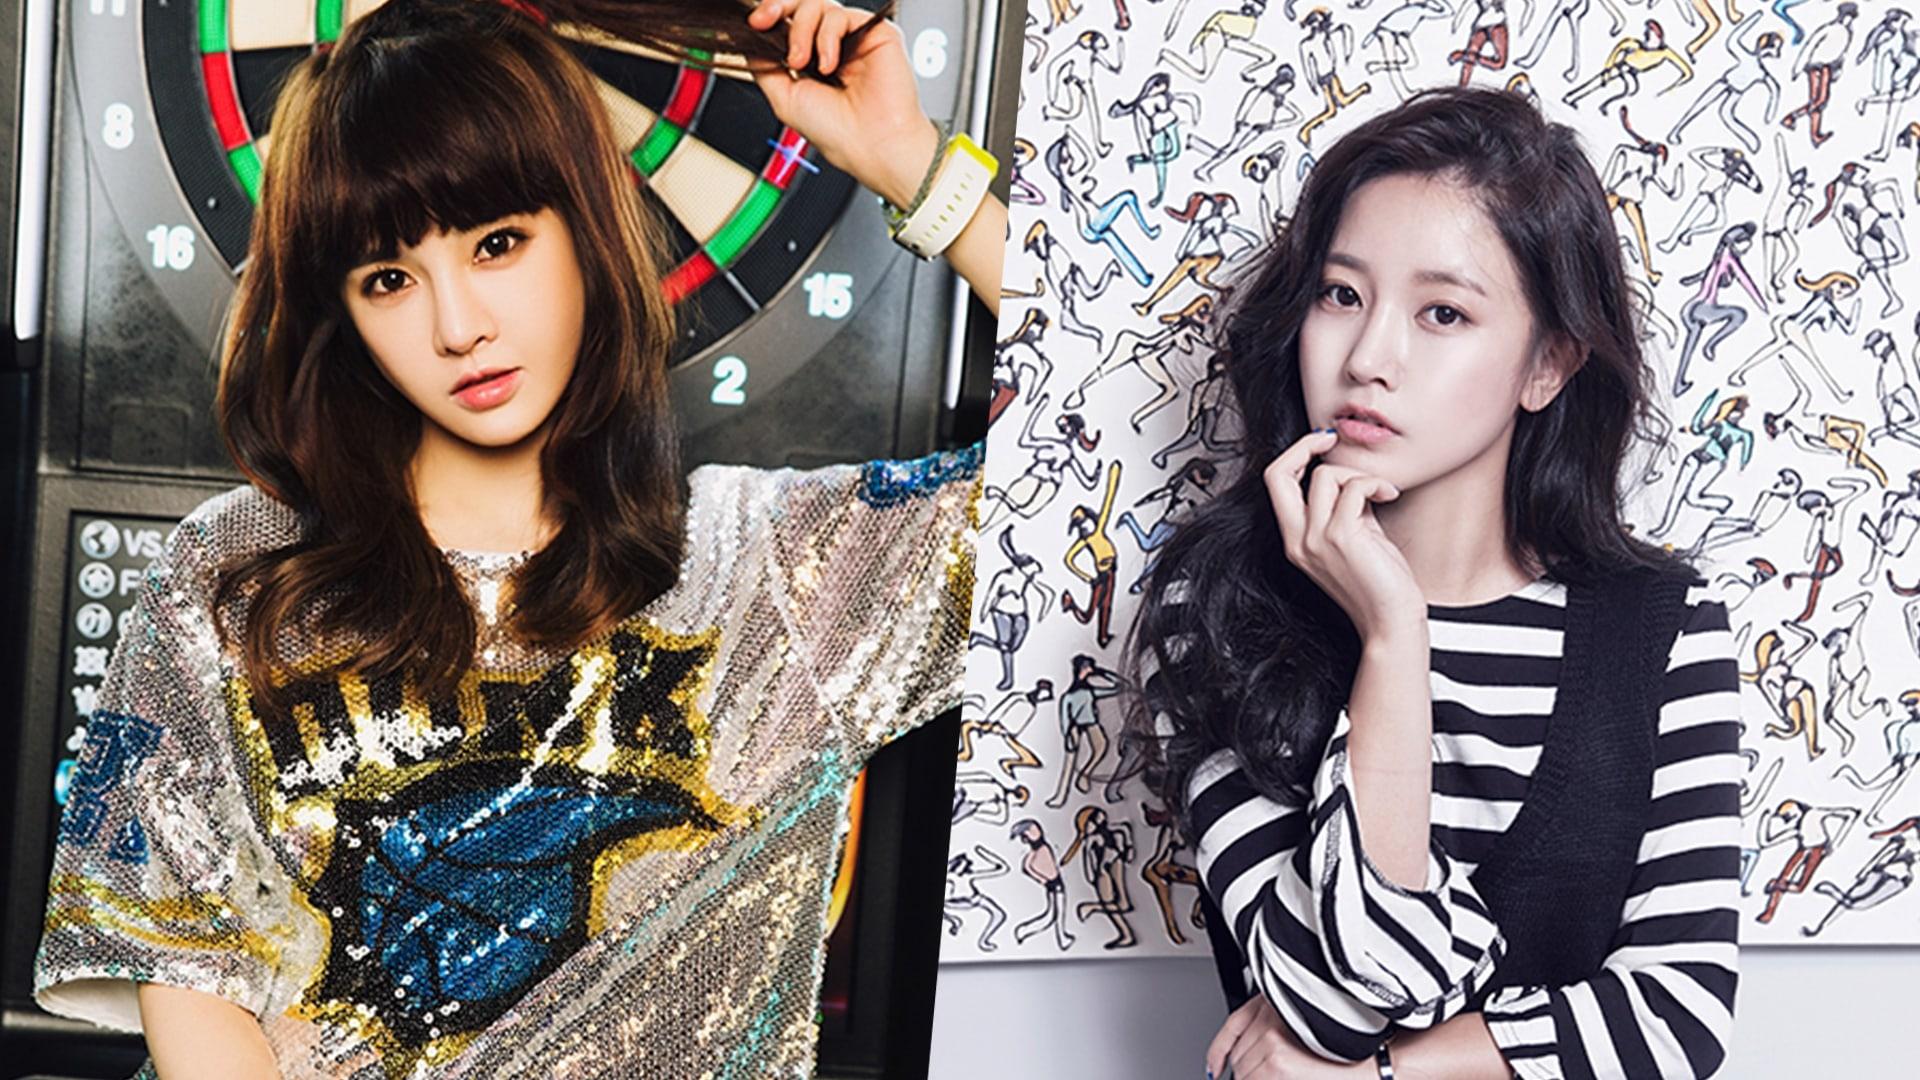 La agencia de T-ara revela declaración sobre las preocupantes acciones independientes de Soyeon y Boram